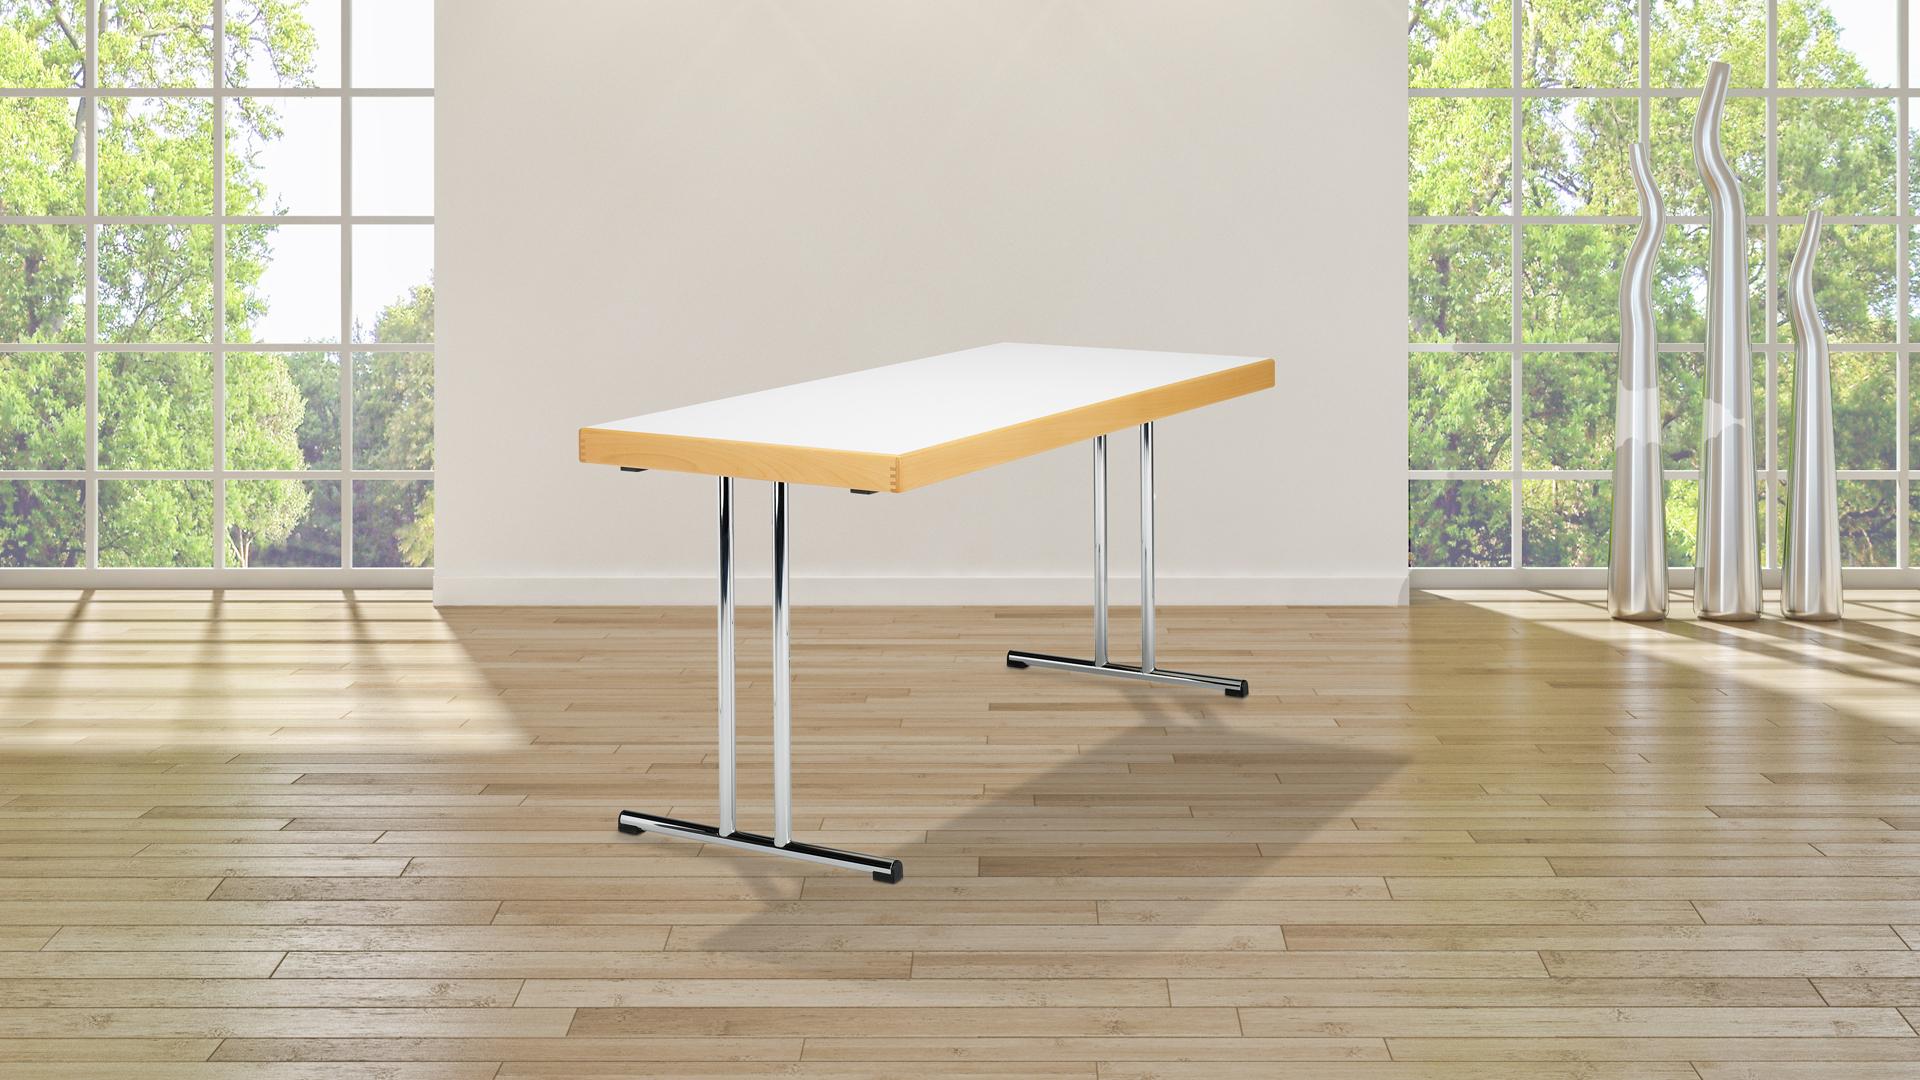 Tischsysteme-Klapptisch-Doppel-T-Fuss-convention-mauser-slider4udTrhaM0bZmW